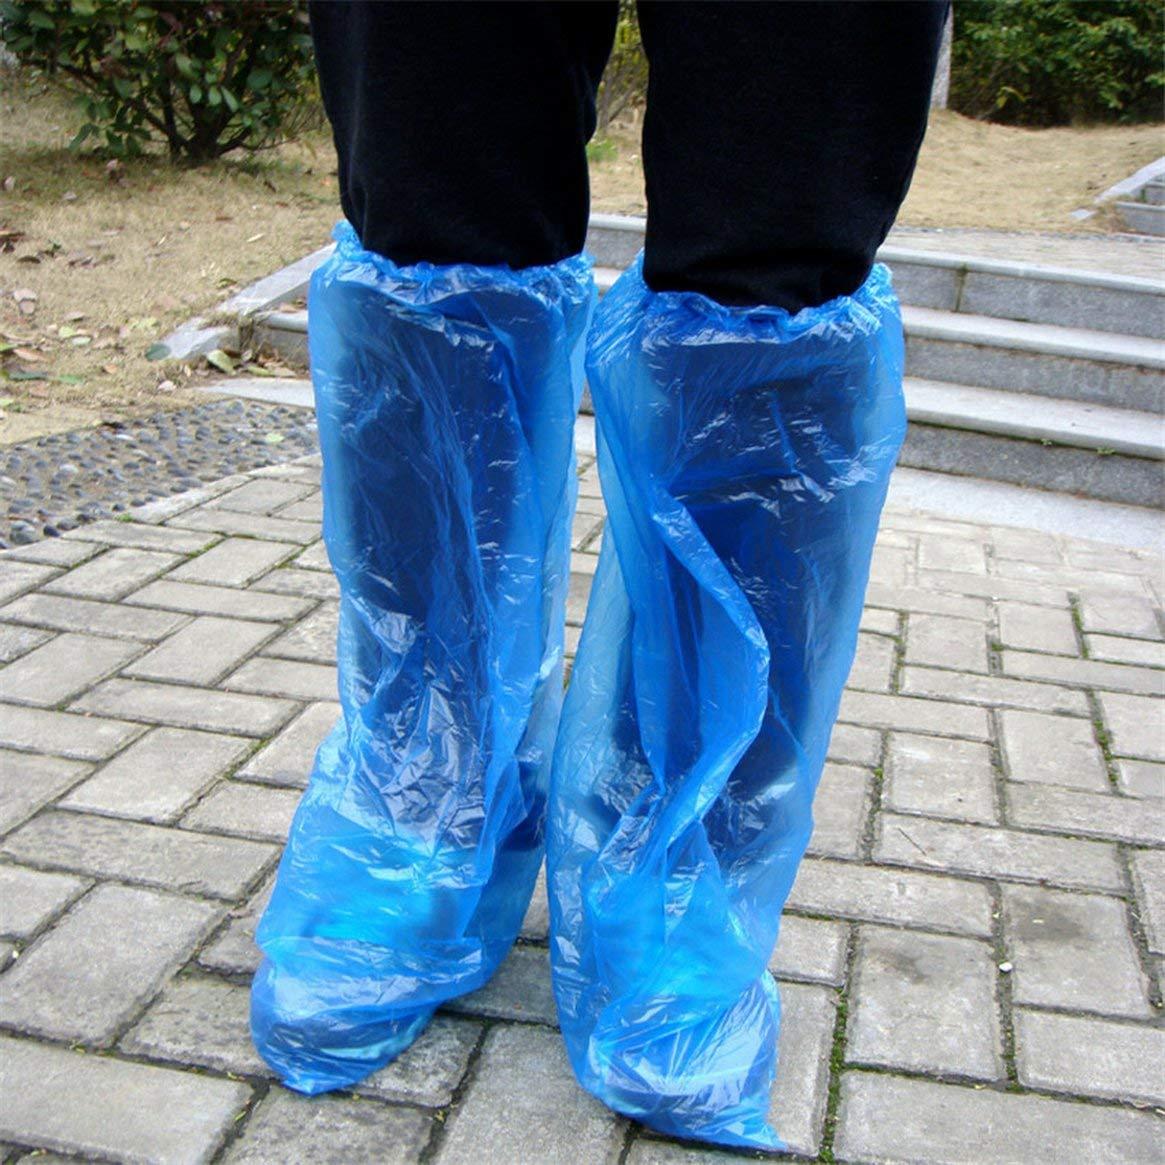 Bleu Delicacydex Couvre-chaussures jetables bleu Chaussures de pluie et bottes couvrent un couvre-chaussure long en plastique imperm/éable clair Couvre-chaussure antid/érapante